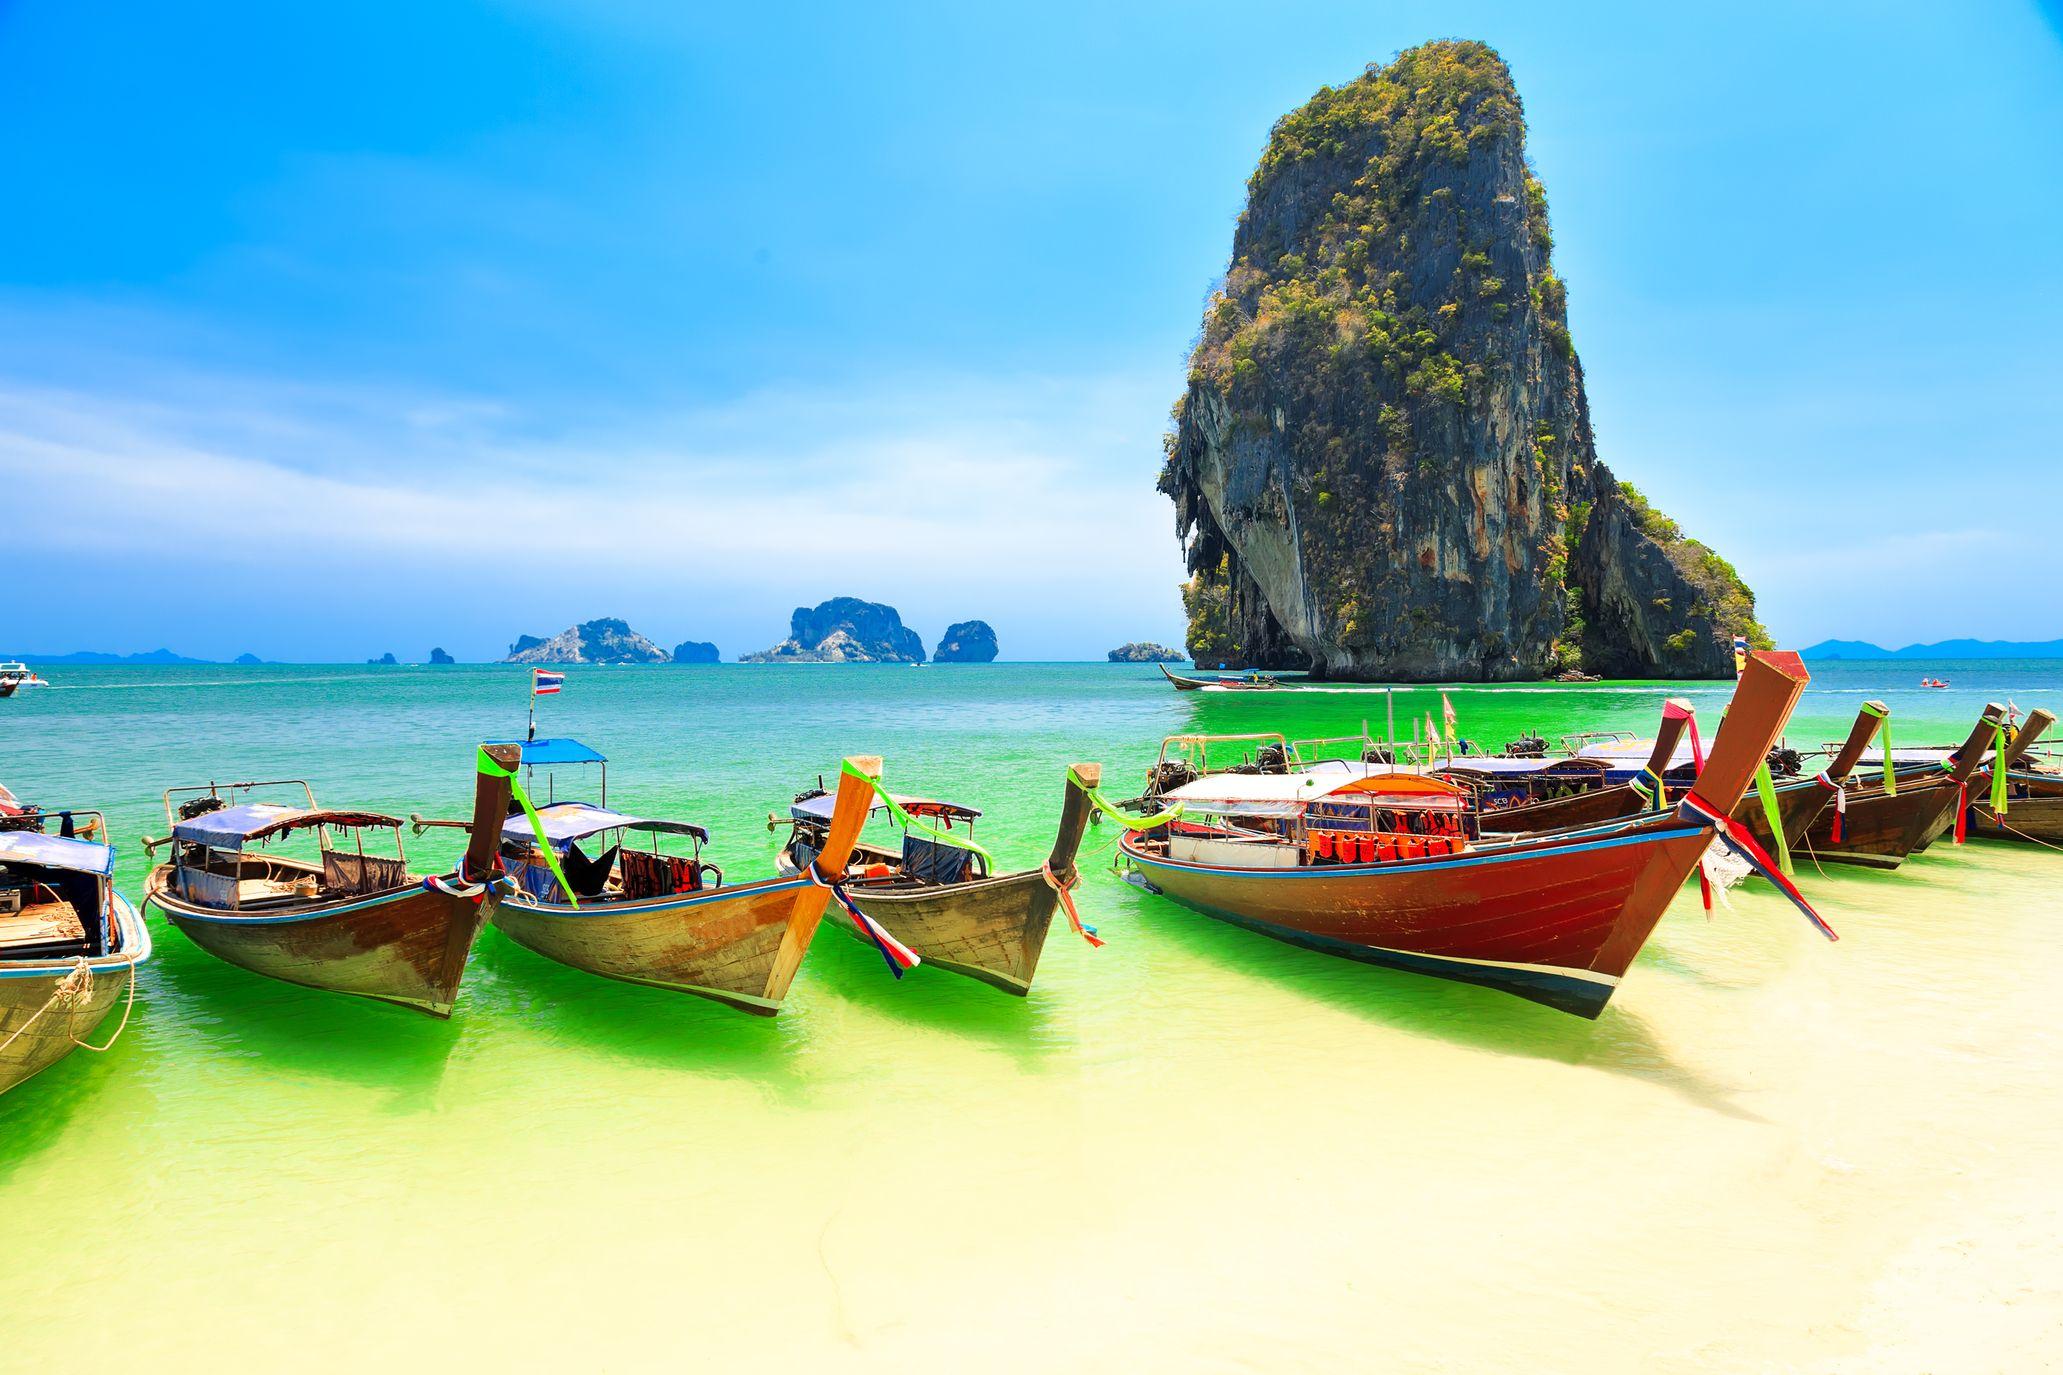 Παραδοσιακές ταϊλανδέζικες βάρκες σε παραλία στο εξωτικό Κράμπι